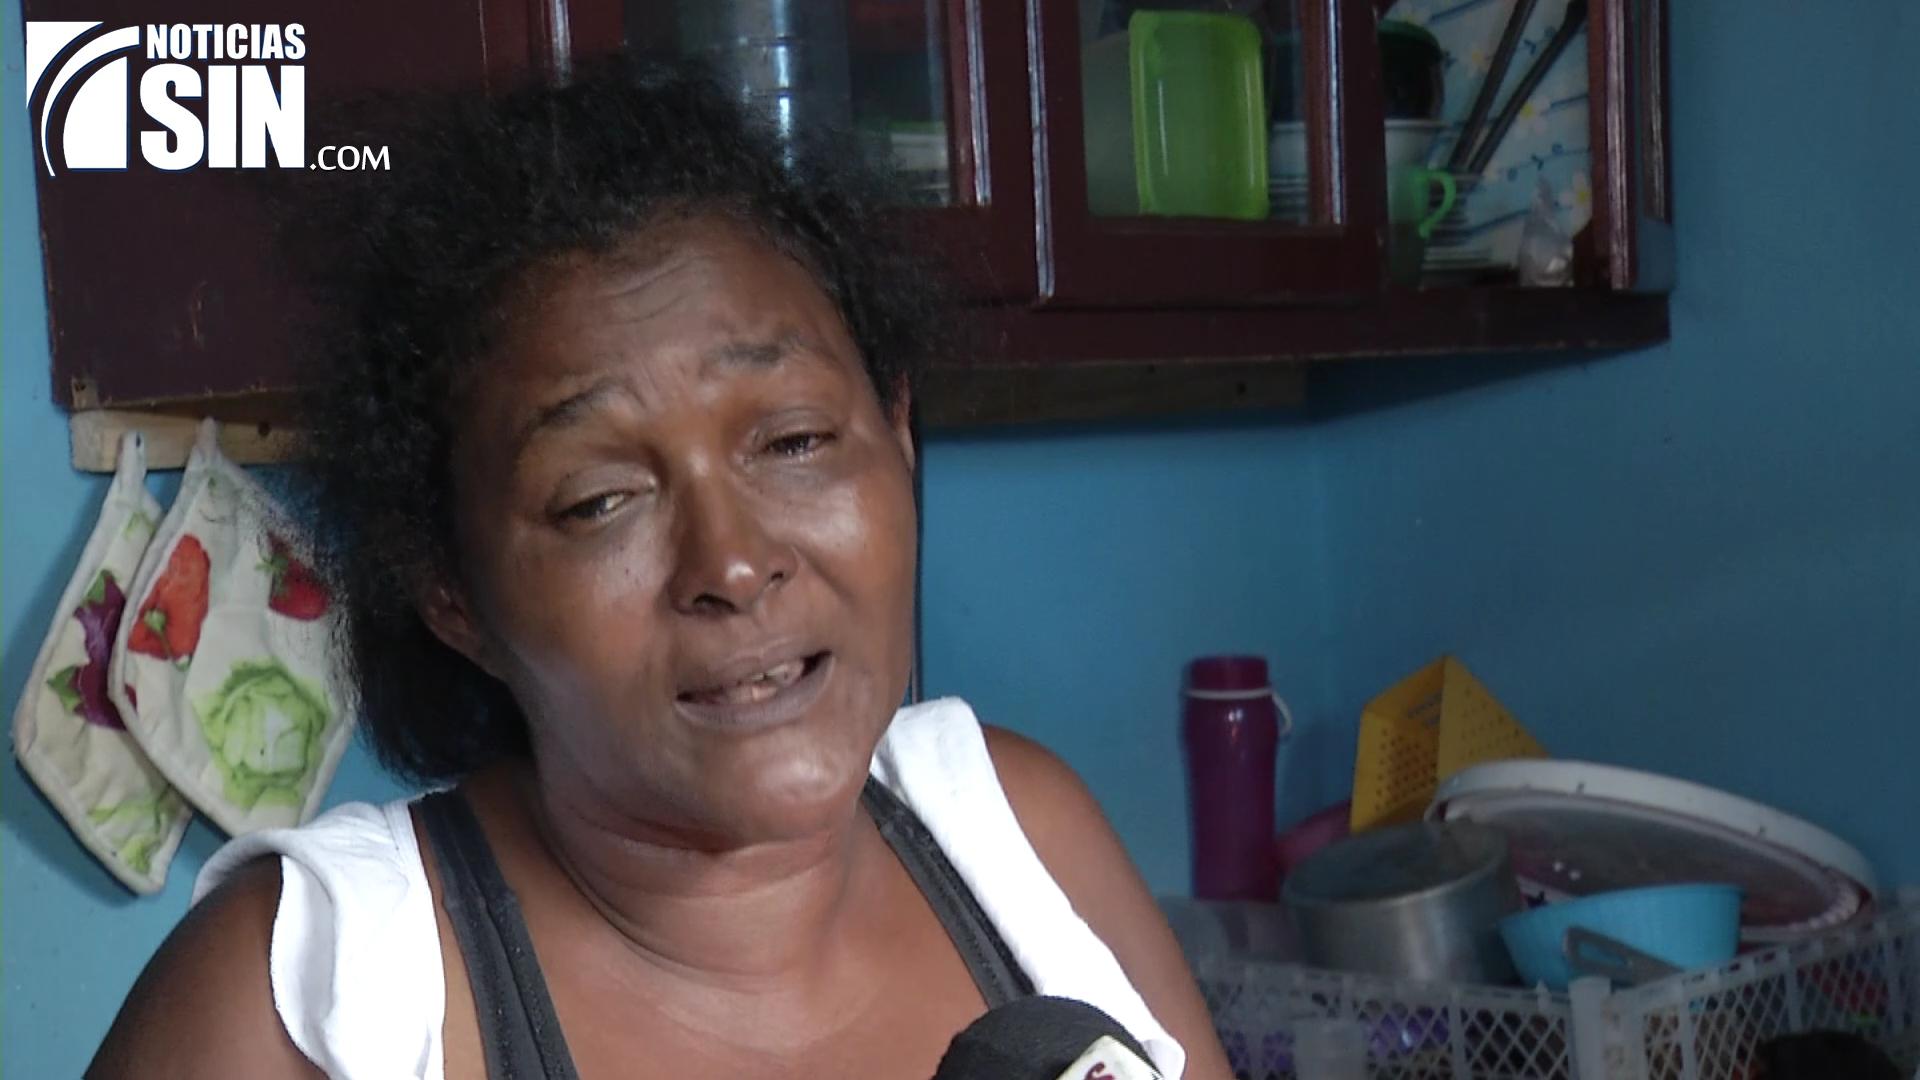 Joven atropella niña de 7 años en Santo Domingo Este y se da a la fuga